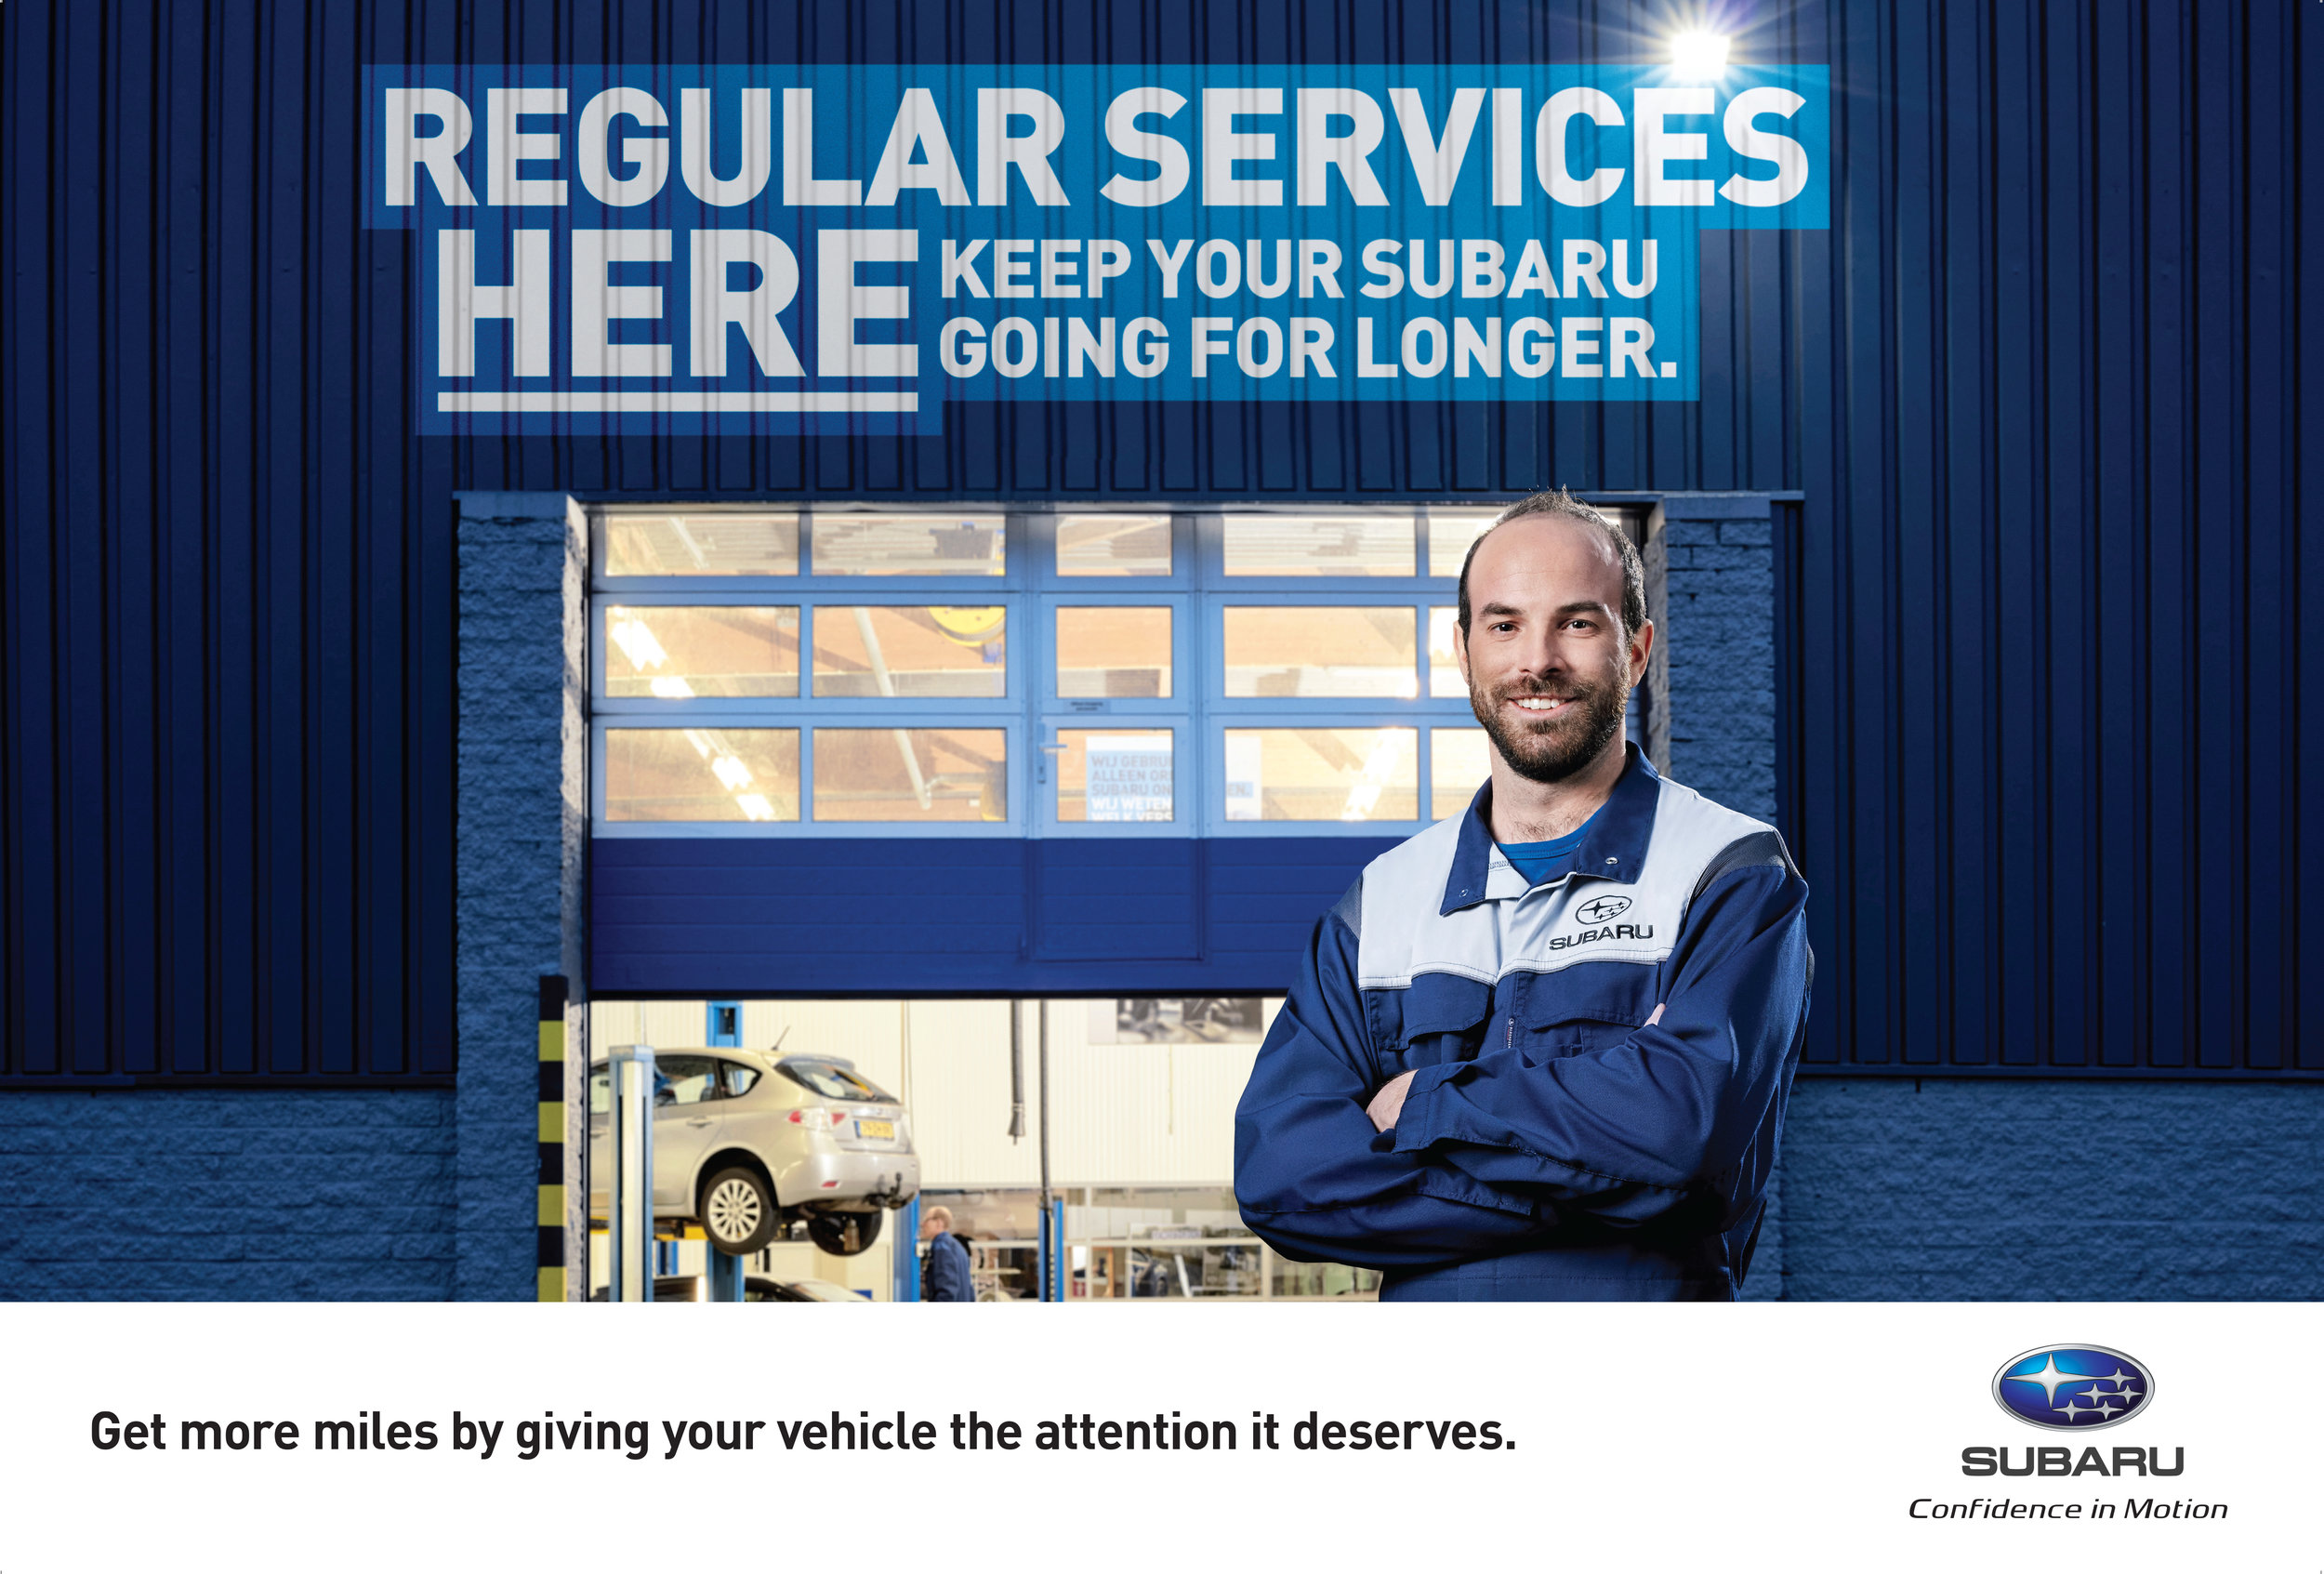 SE Poster_REGULAR SERVICES_HR.jpg